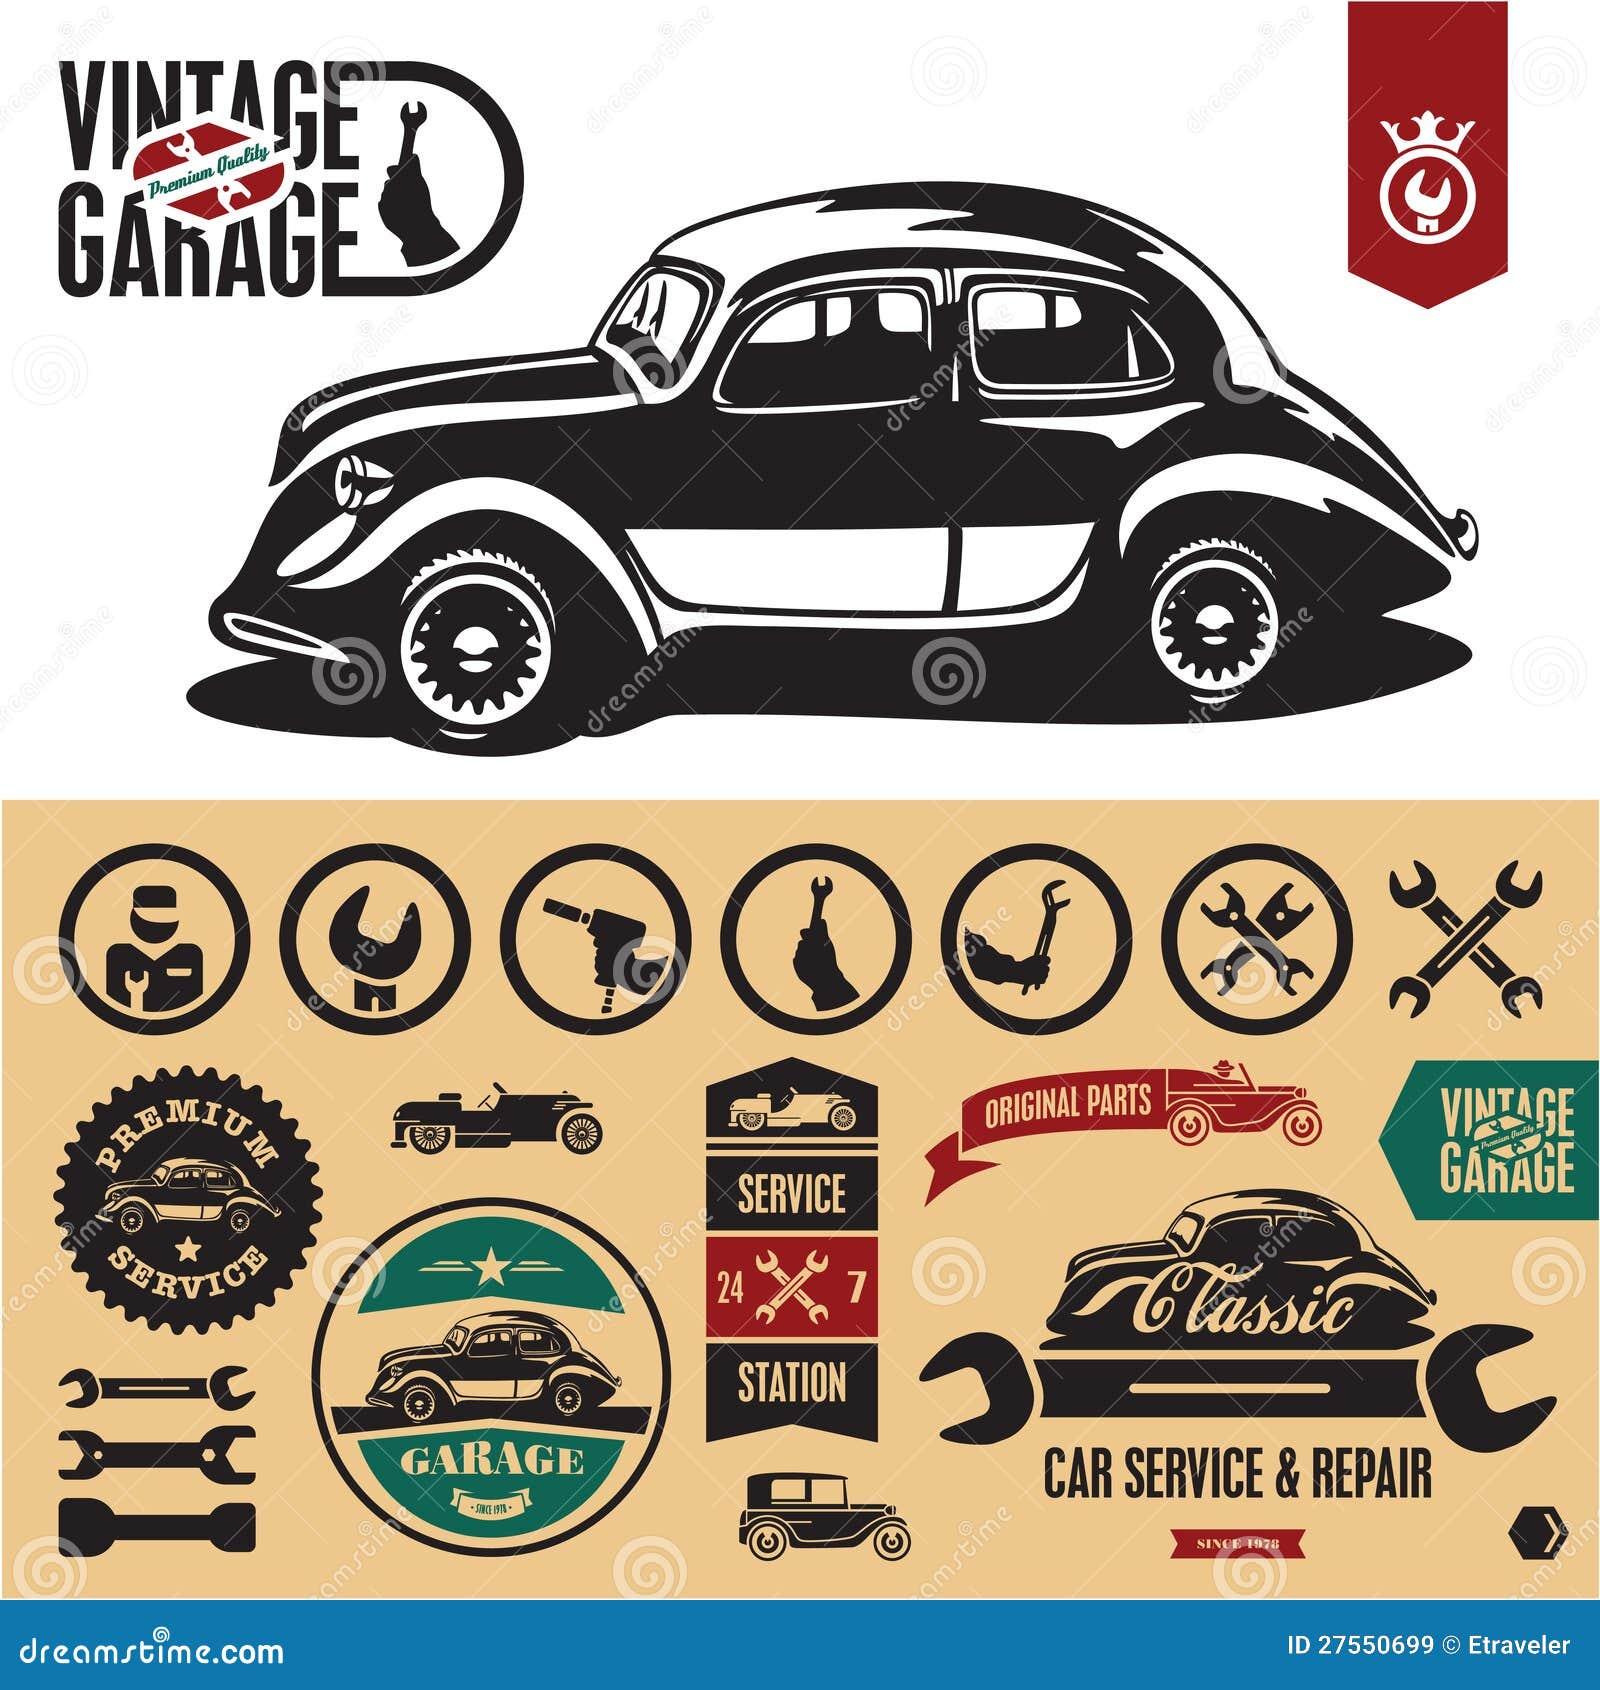 Vintage Car Garage Labels, Signs Stock Vector - Illustration of ...